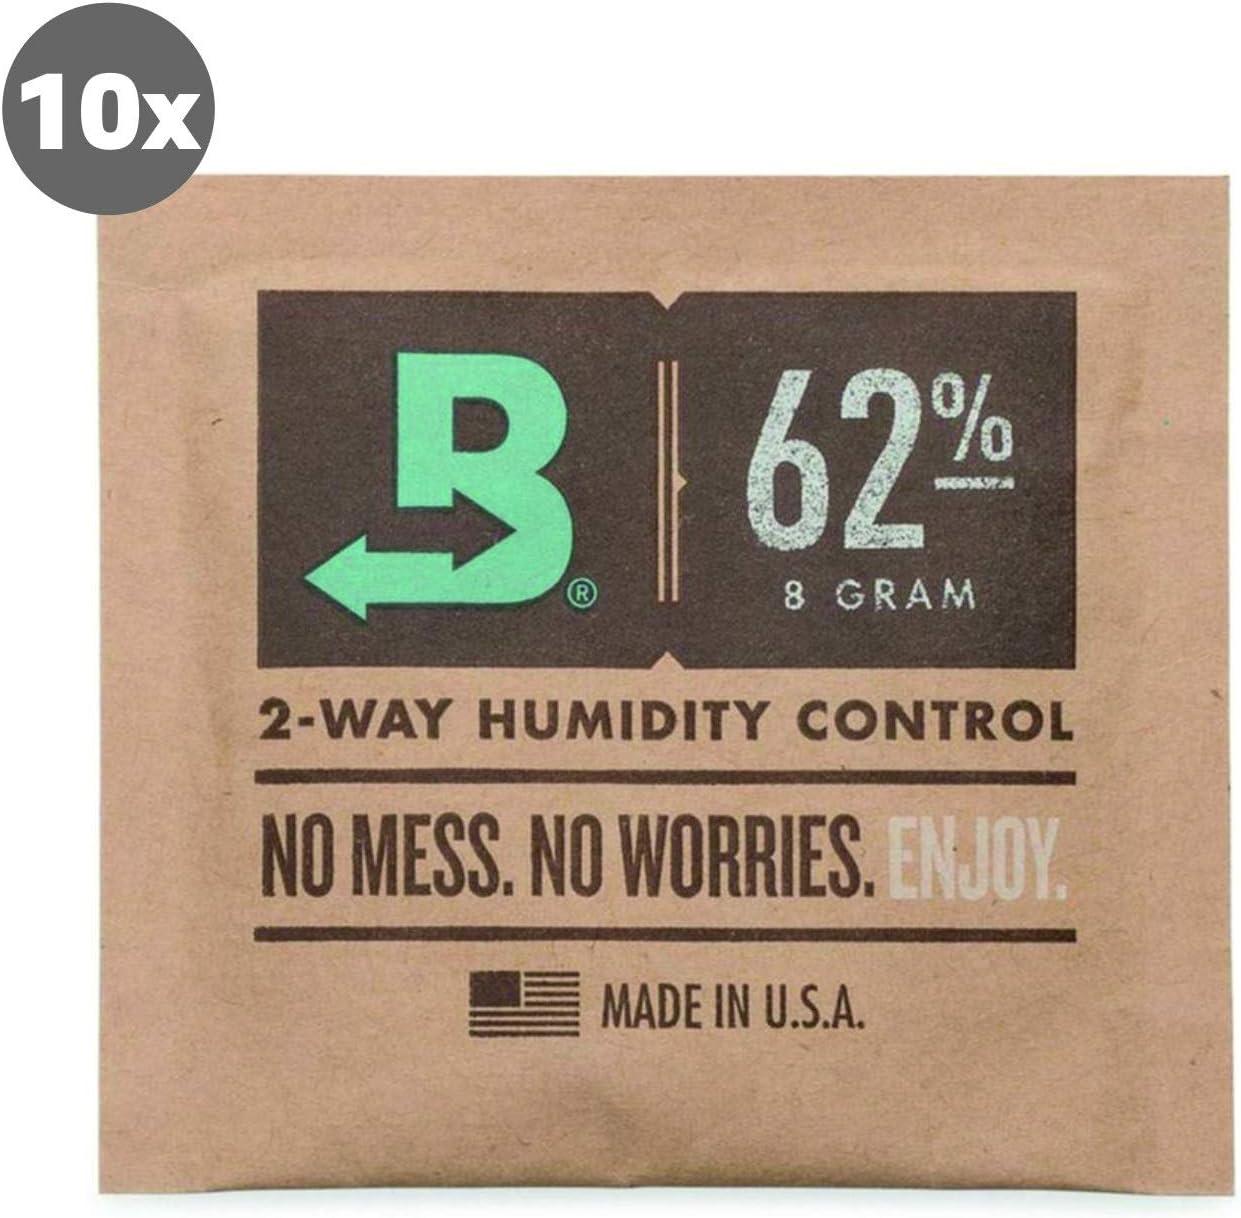 Boveda 10 Humidipak 62% 2-Way Humidifer 8g